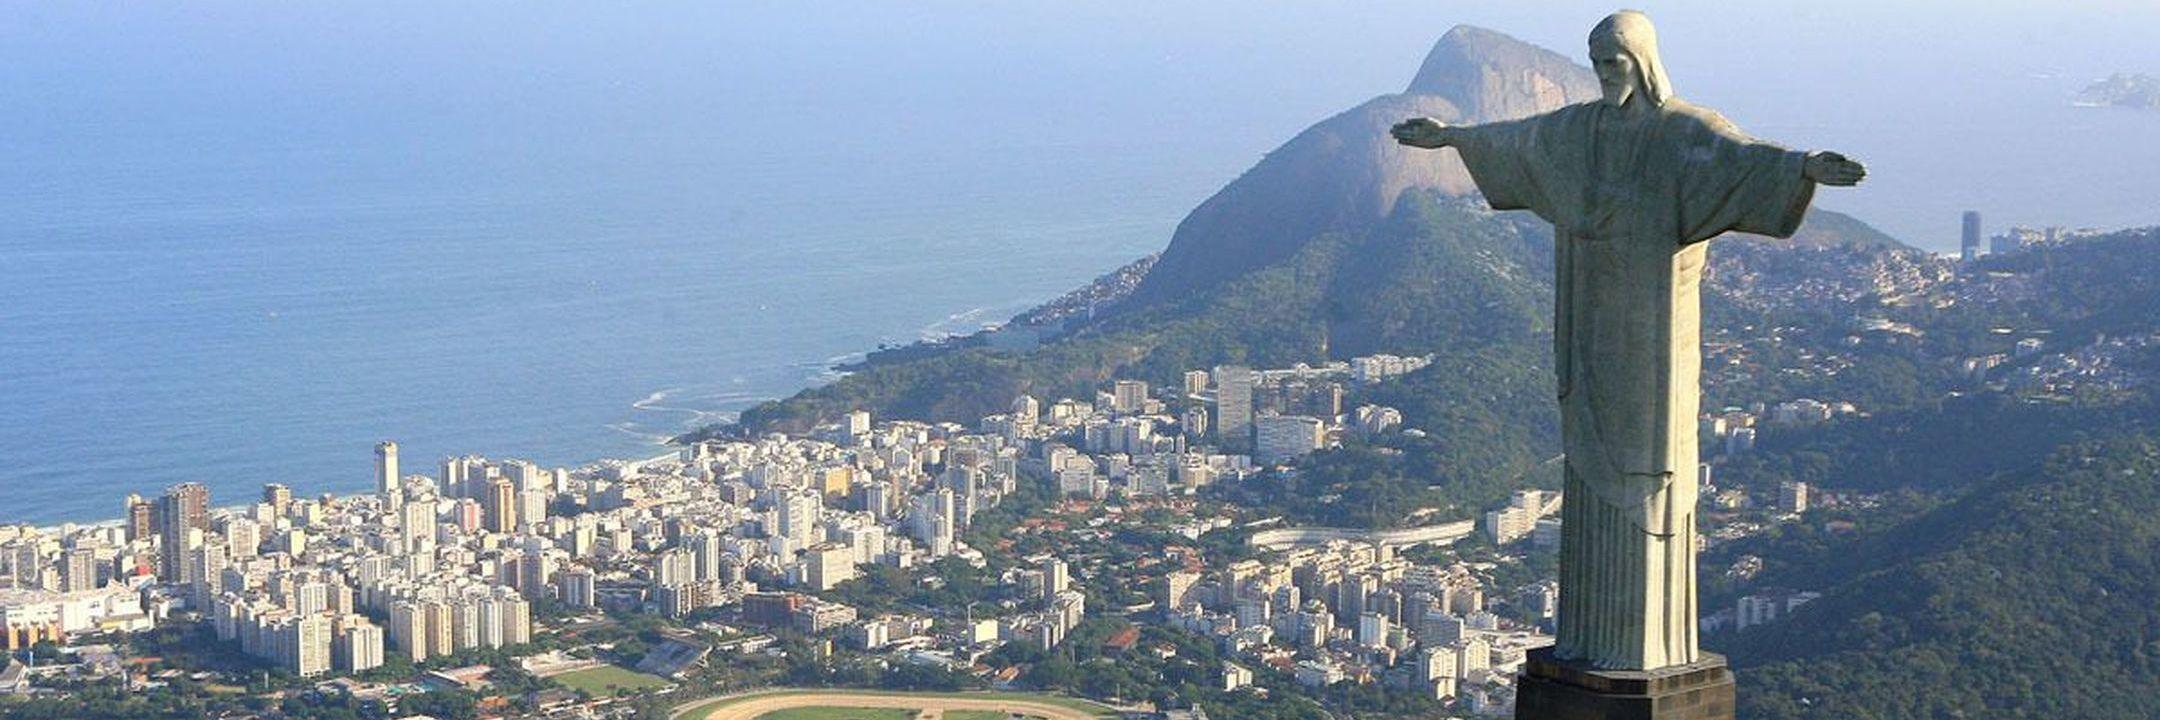 Passagem de Ano ou Carnaval no Rio? Vá até ao calor da cidade maravilhosa